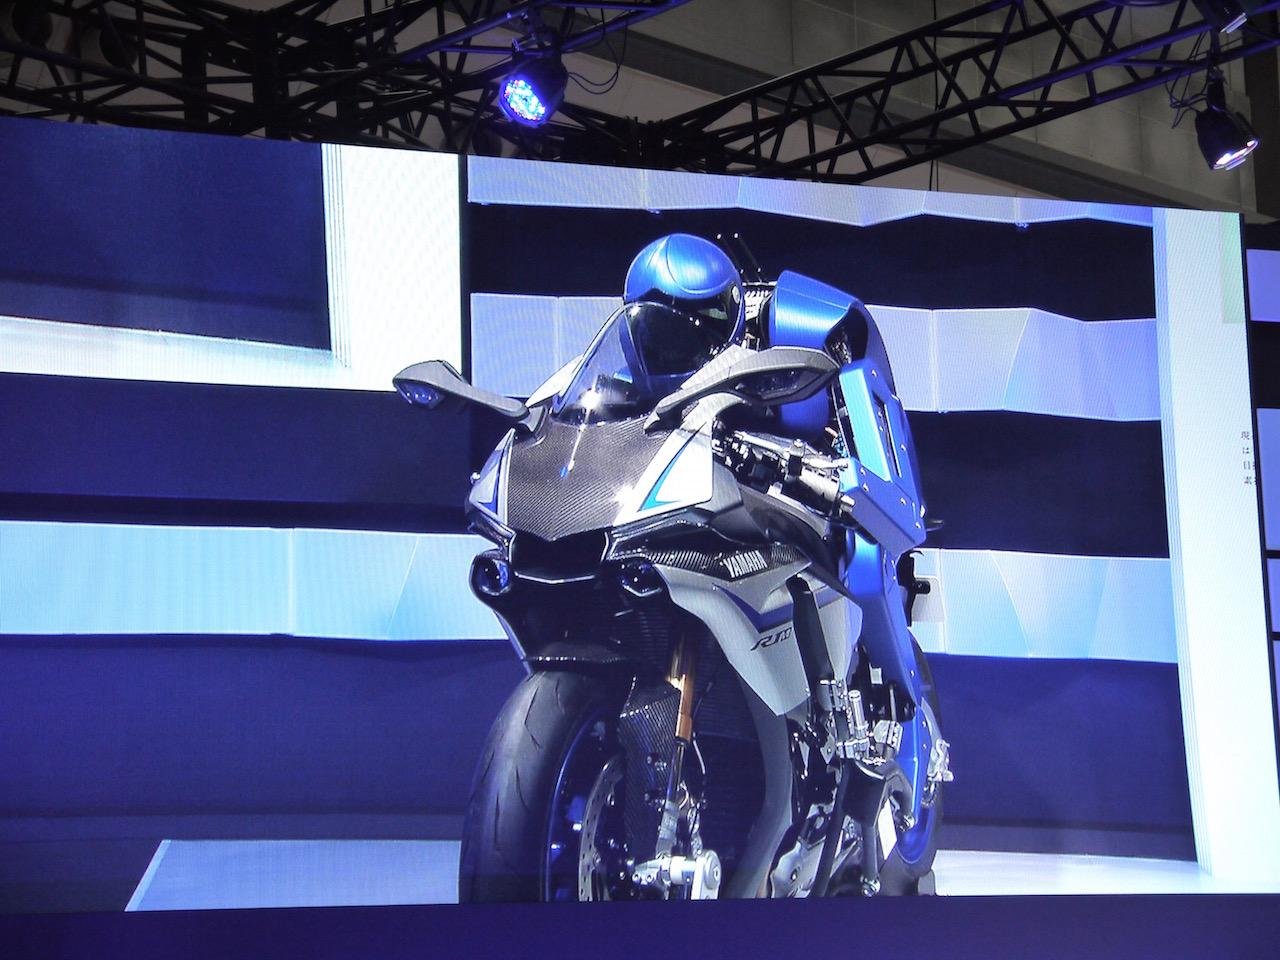 「【東京モーターショー15】ヒト型ロボットを搭載し自律走行するバイクがヤマハブースに登場」の6枚目の画像